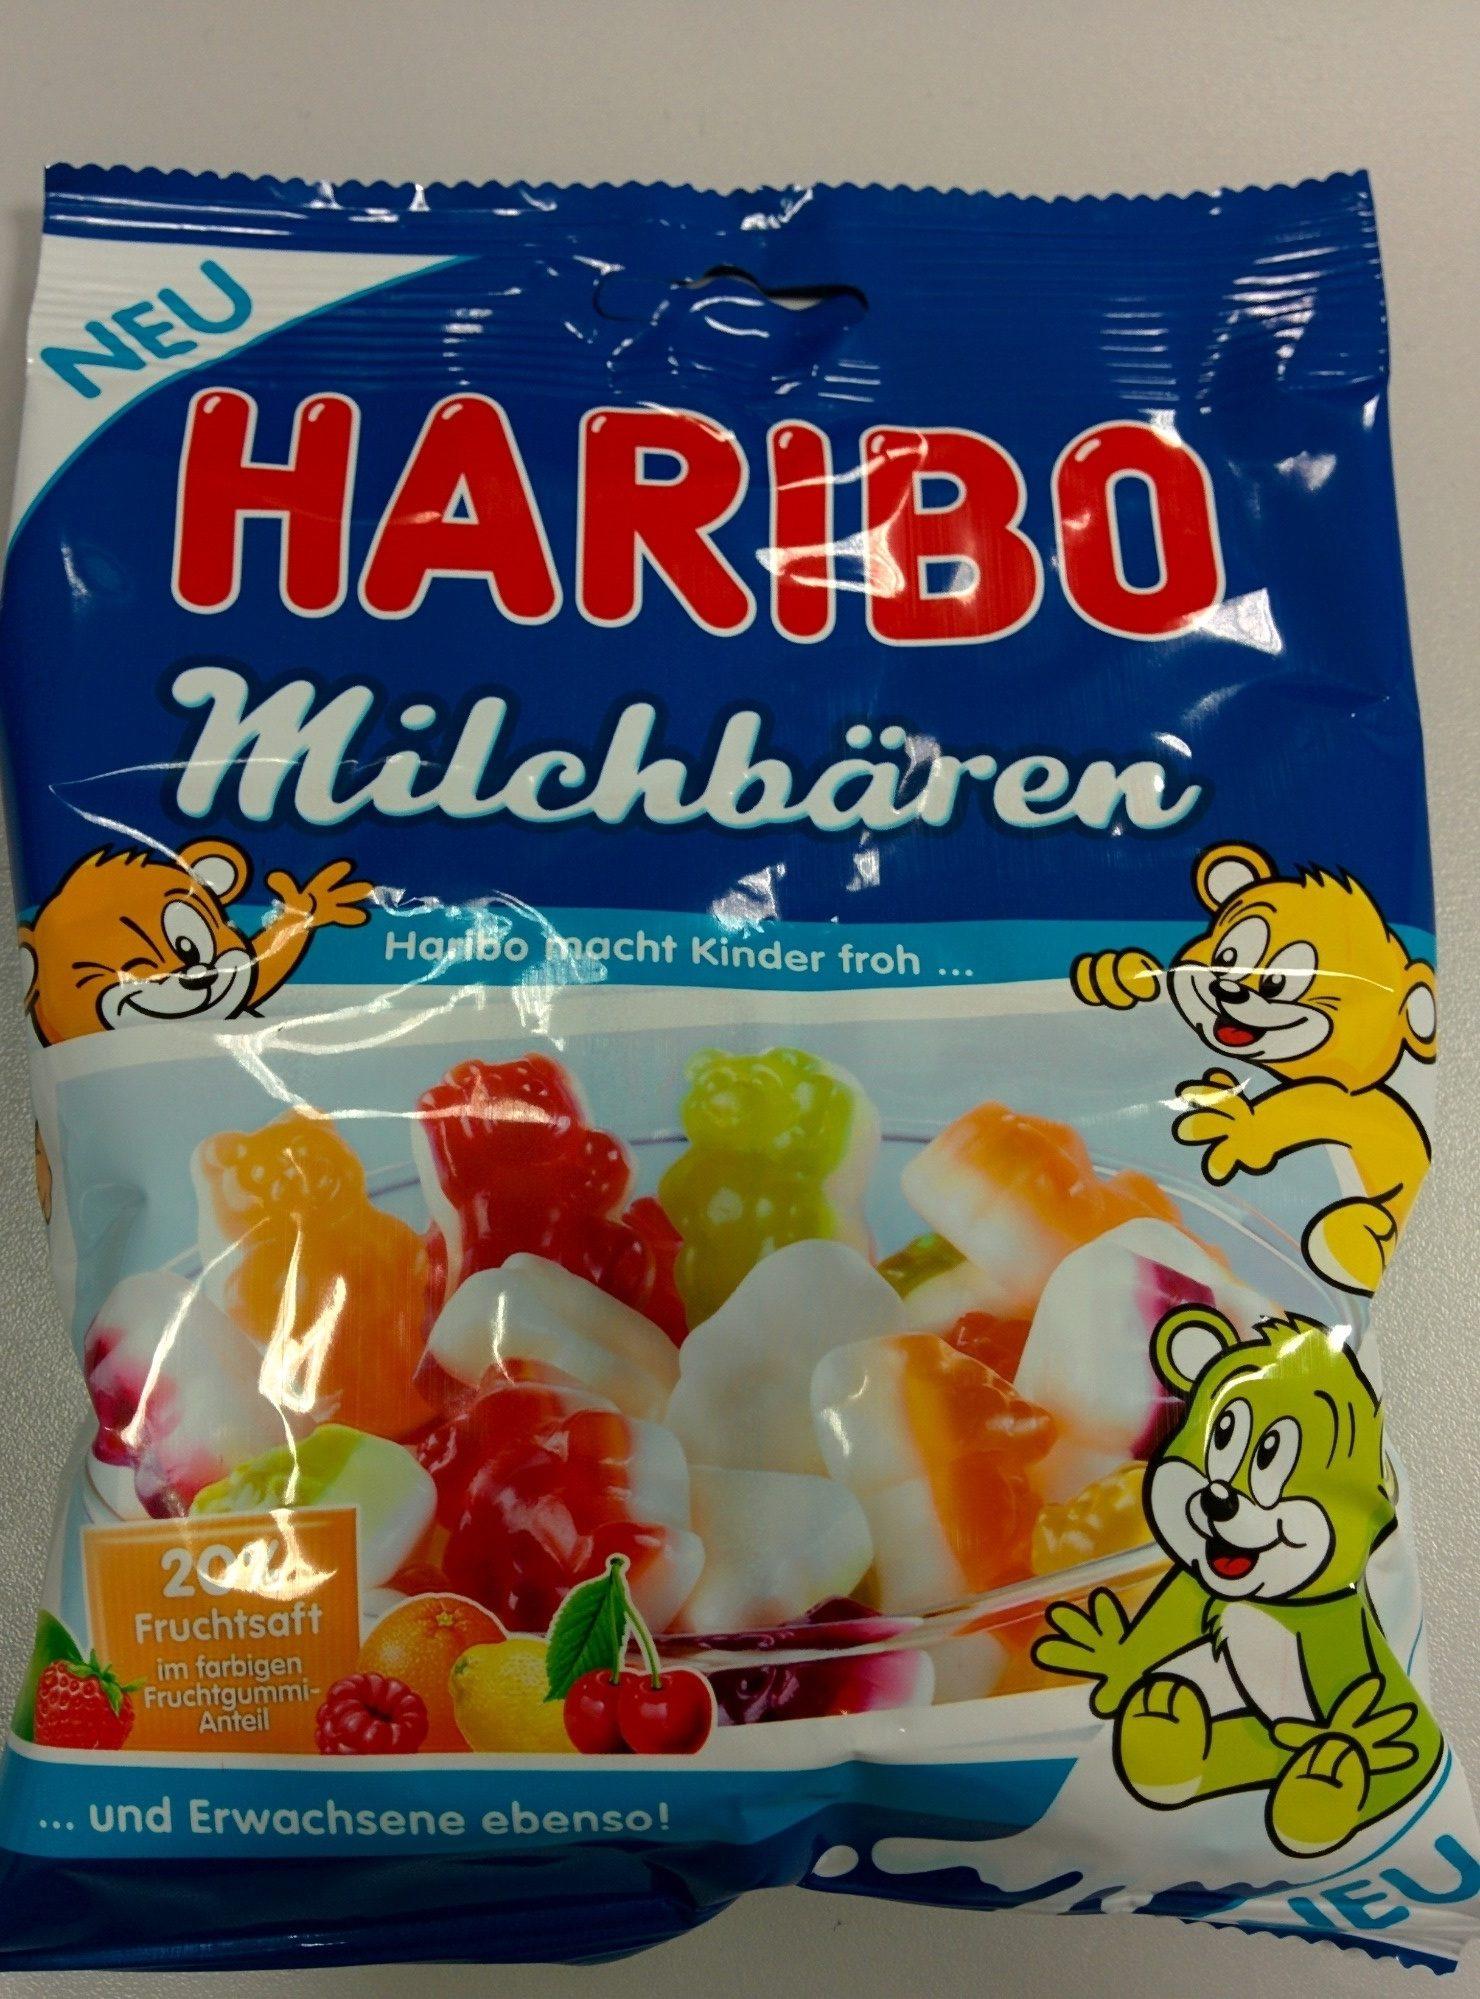 Haribo Milchbären - Product - de